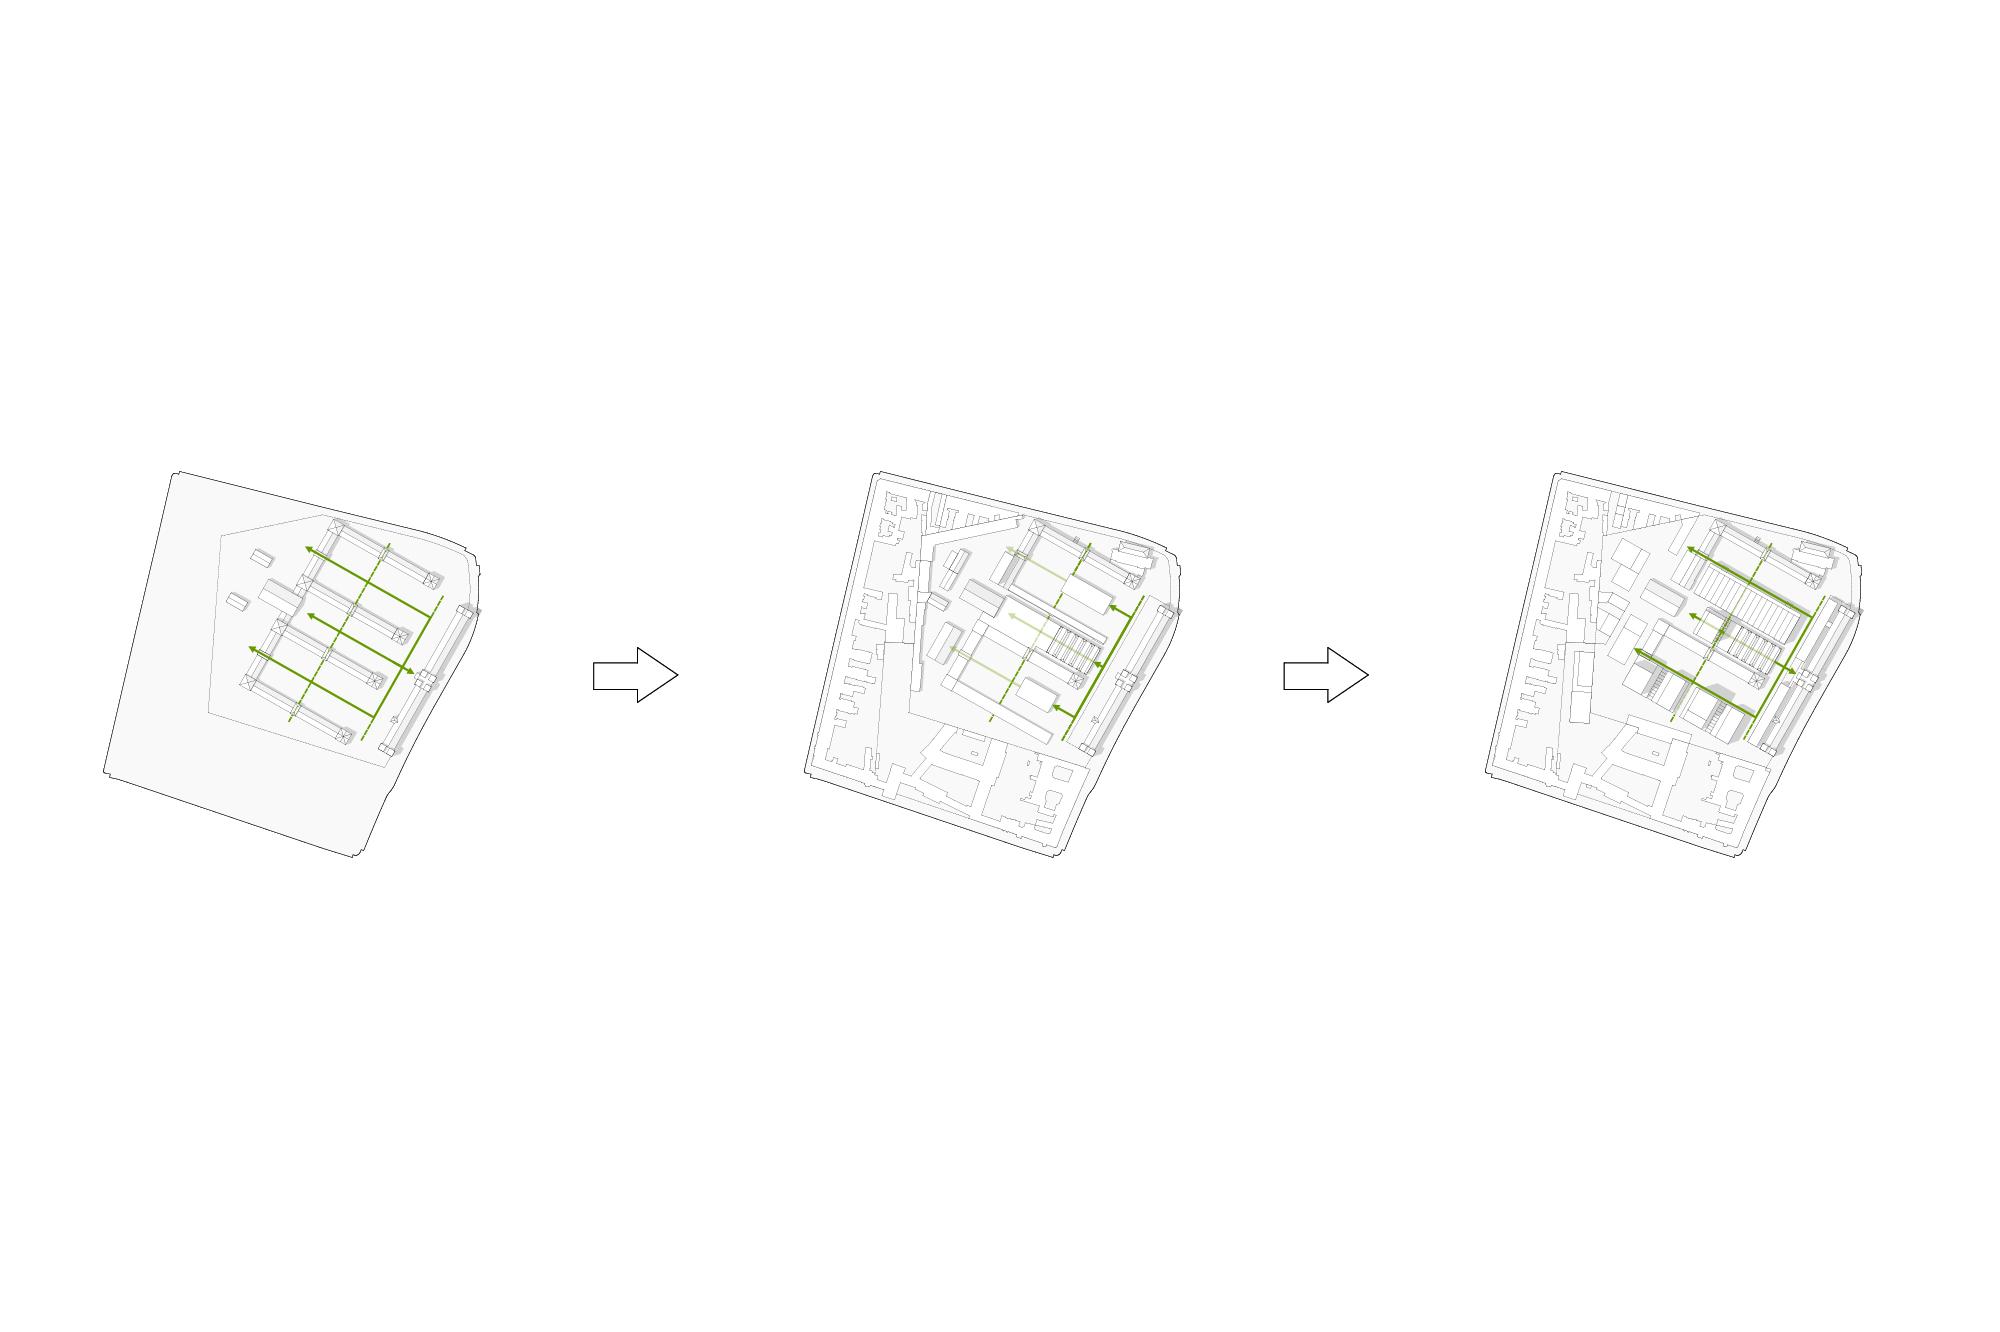 original barracks axes - current axes - proposed axes